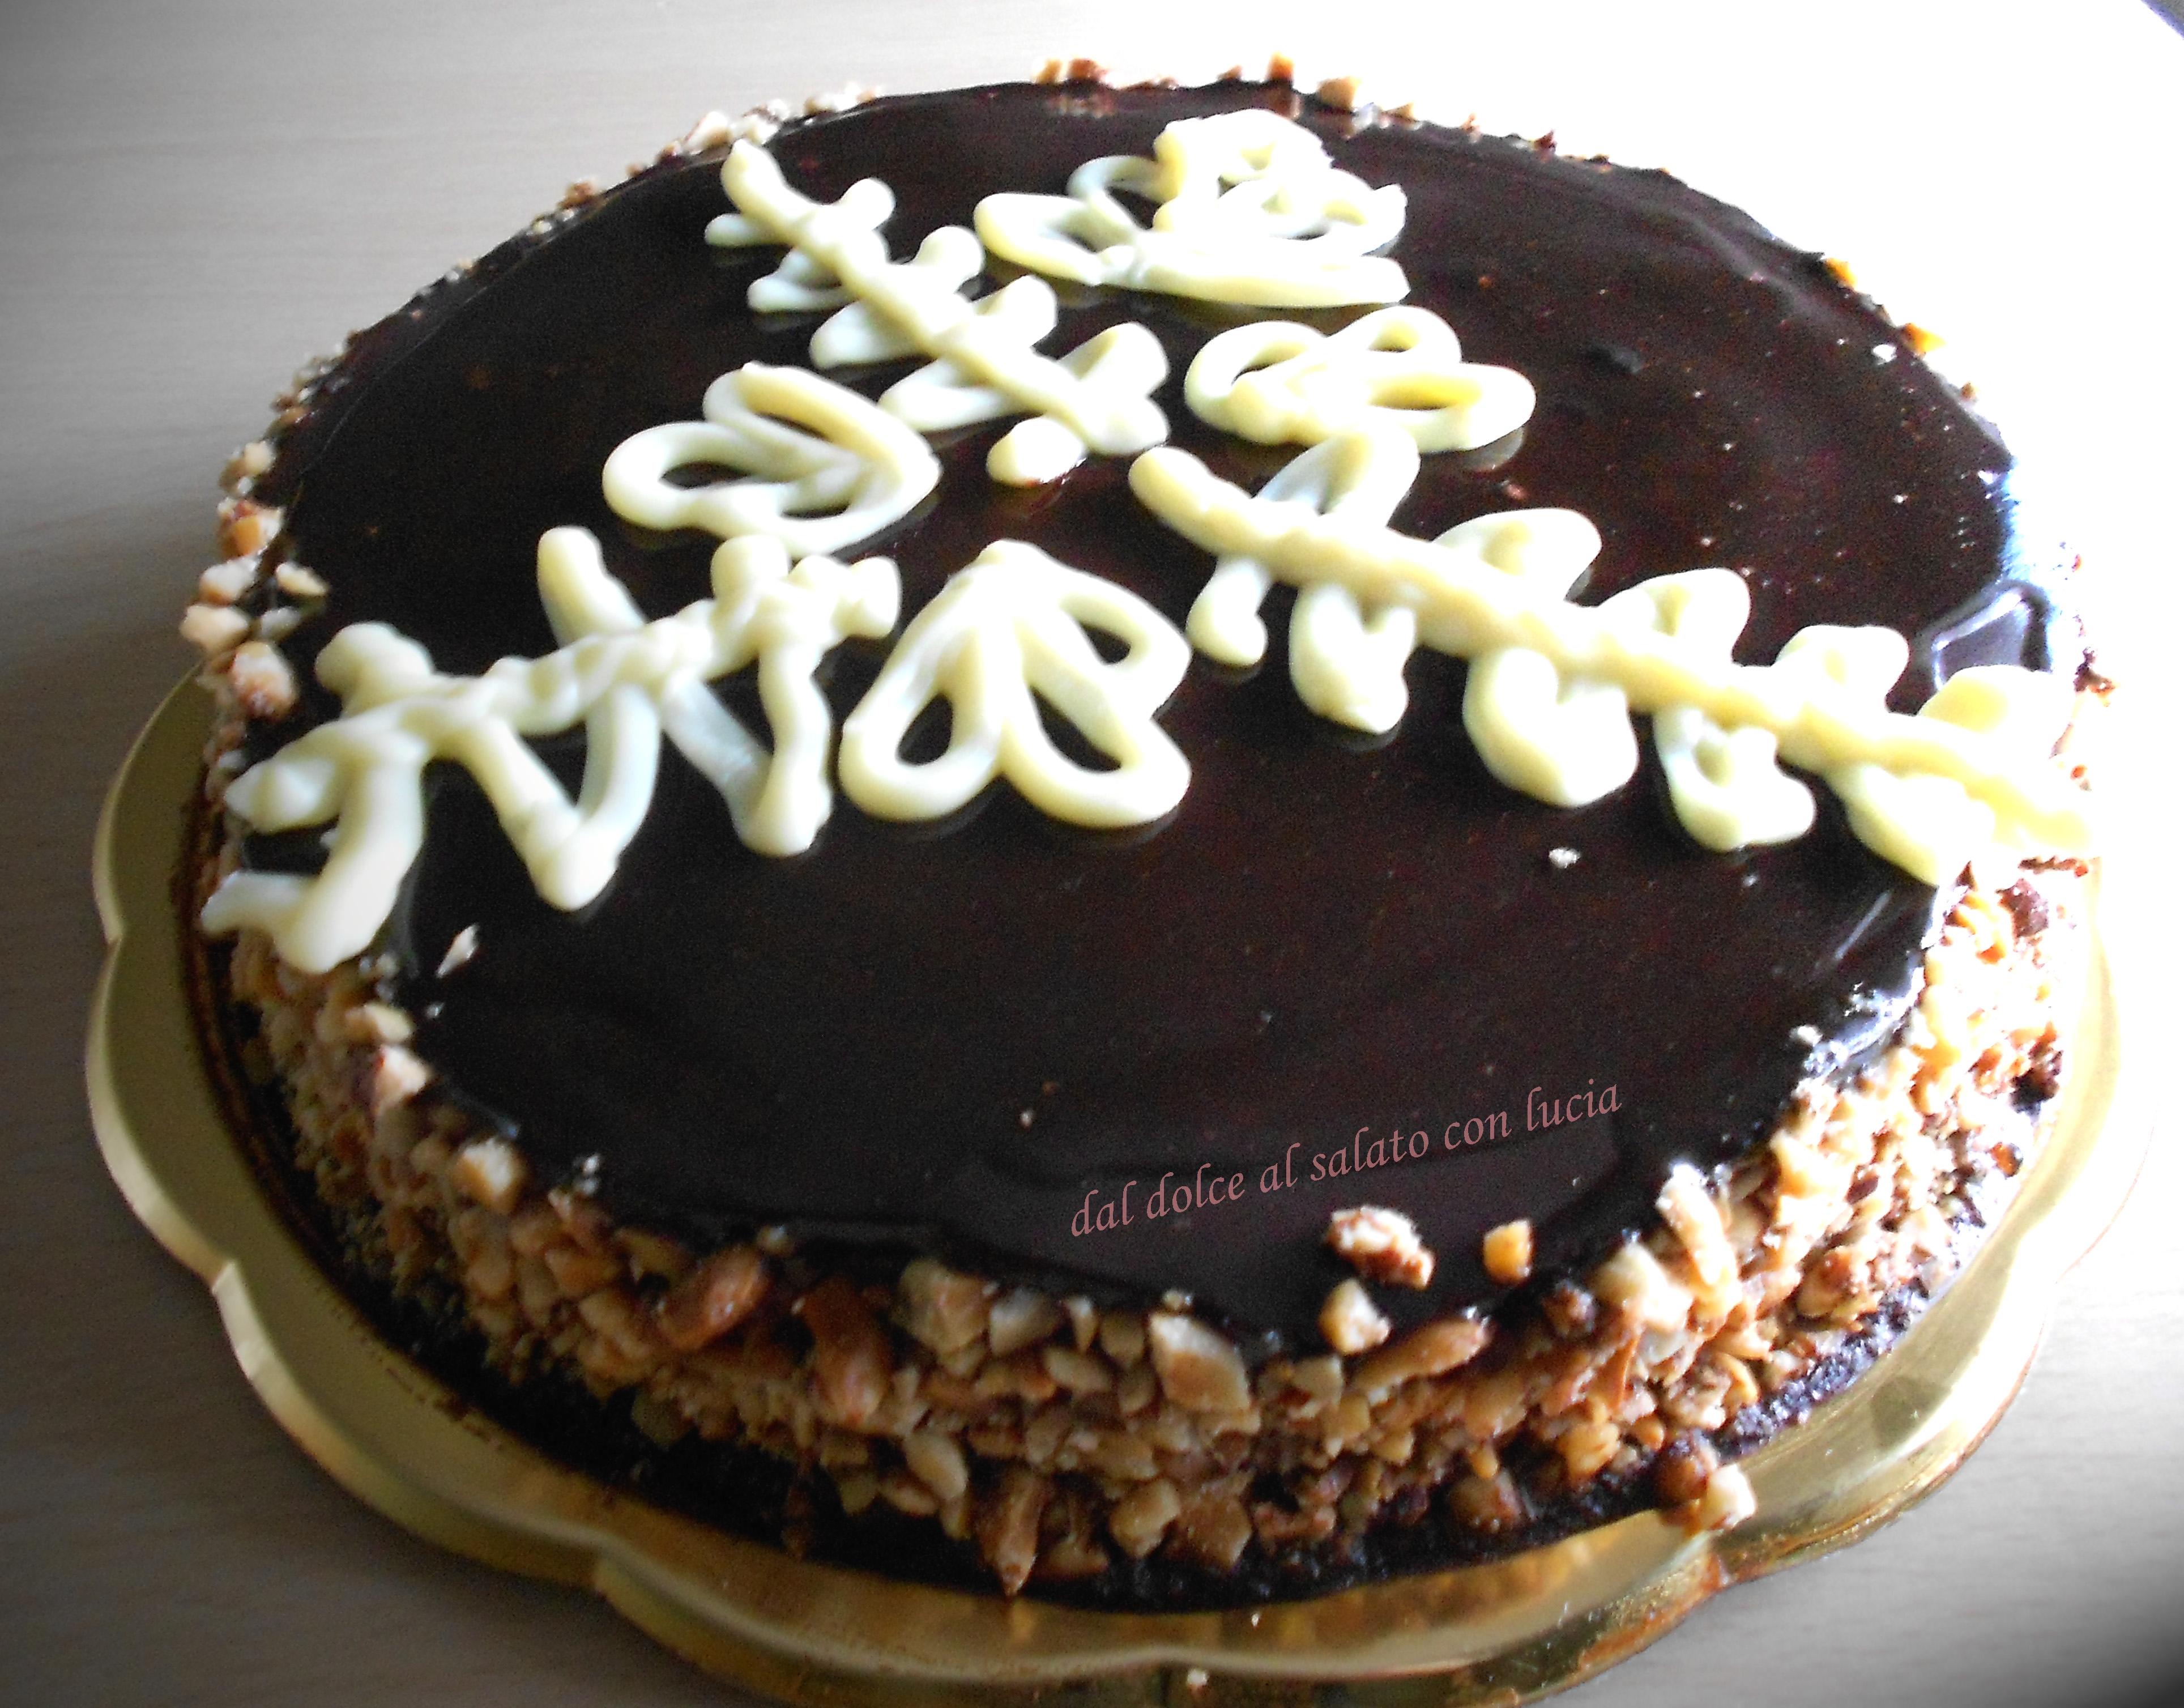 Torte Da Credenza Montersino : Dacquoise alle nocciole di montersino con bavarese al cioccolato e